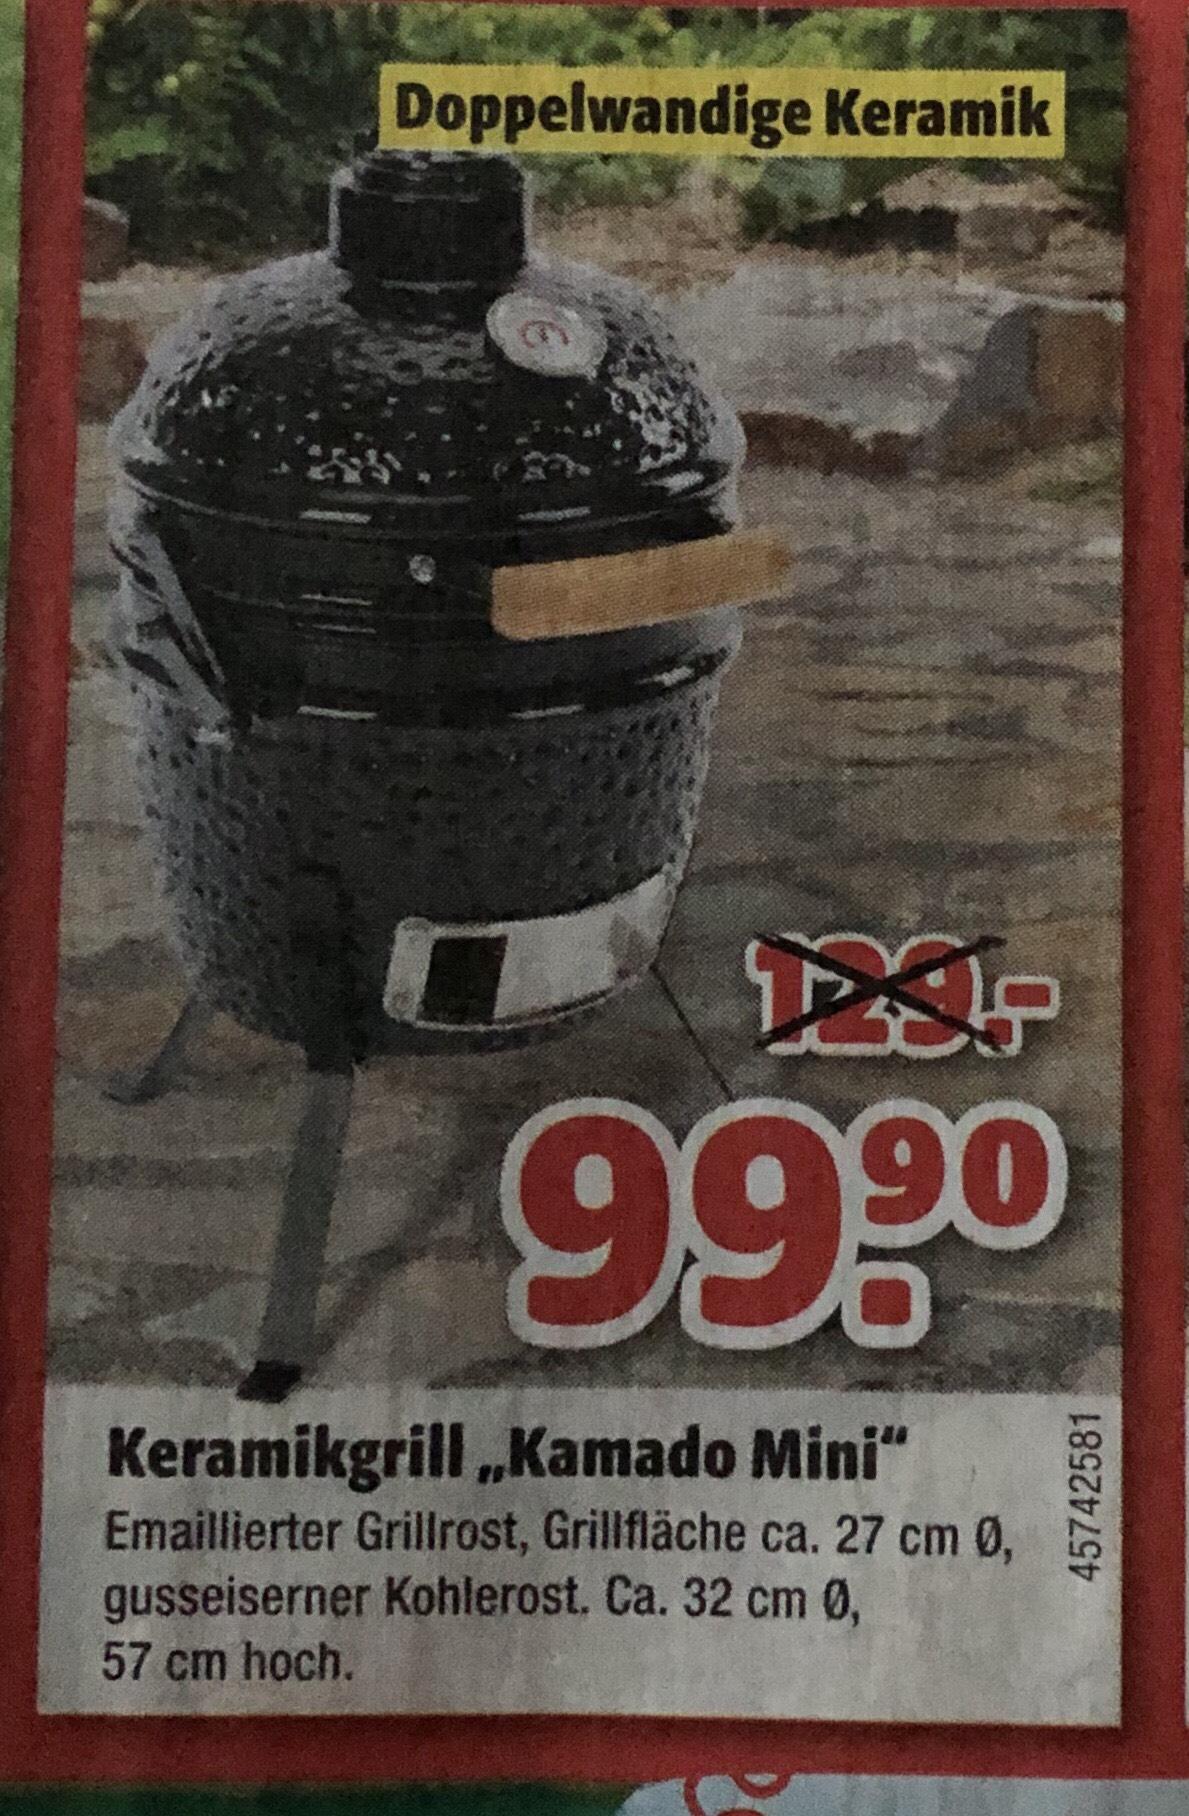 Keramikgrill »Kamado Mini« Hagebau